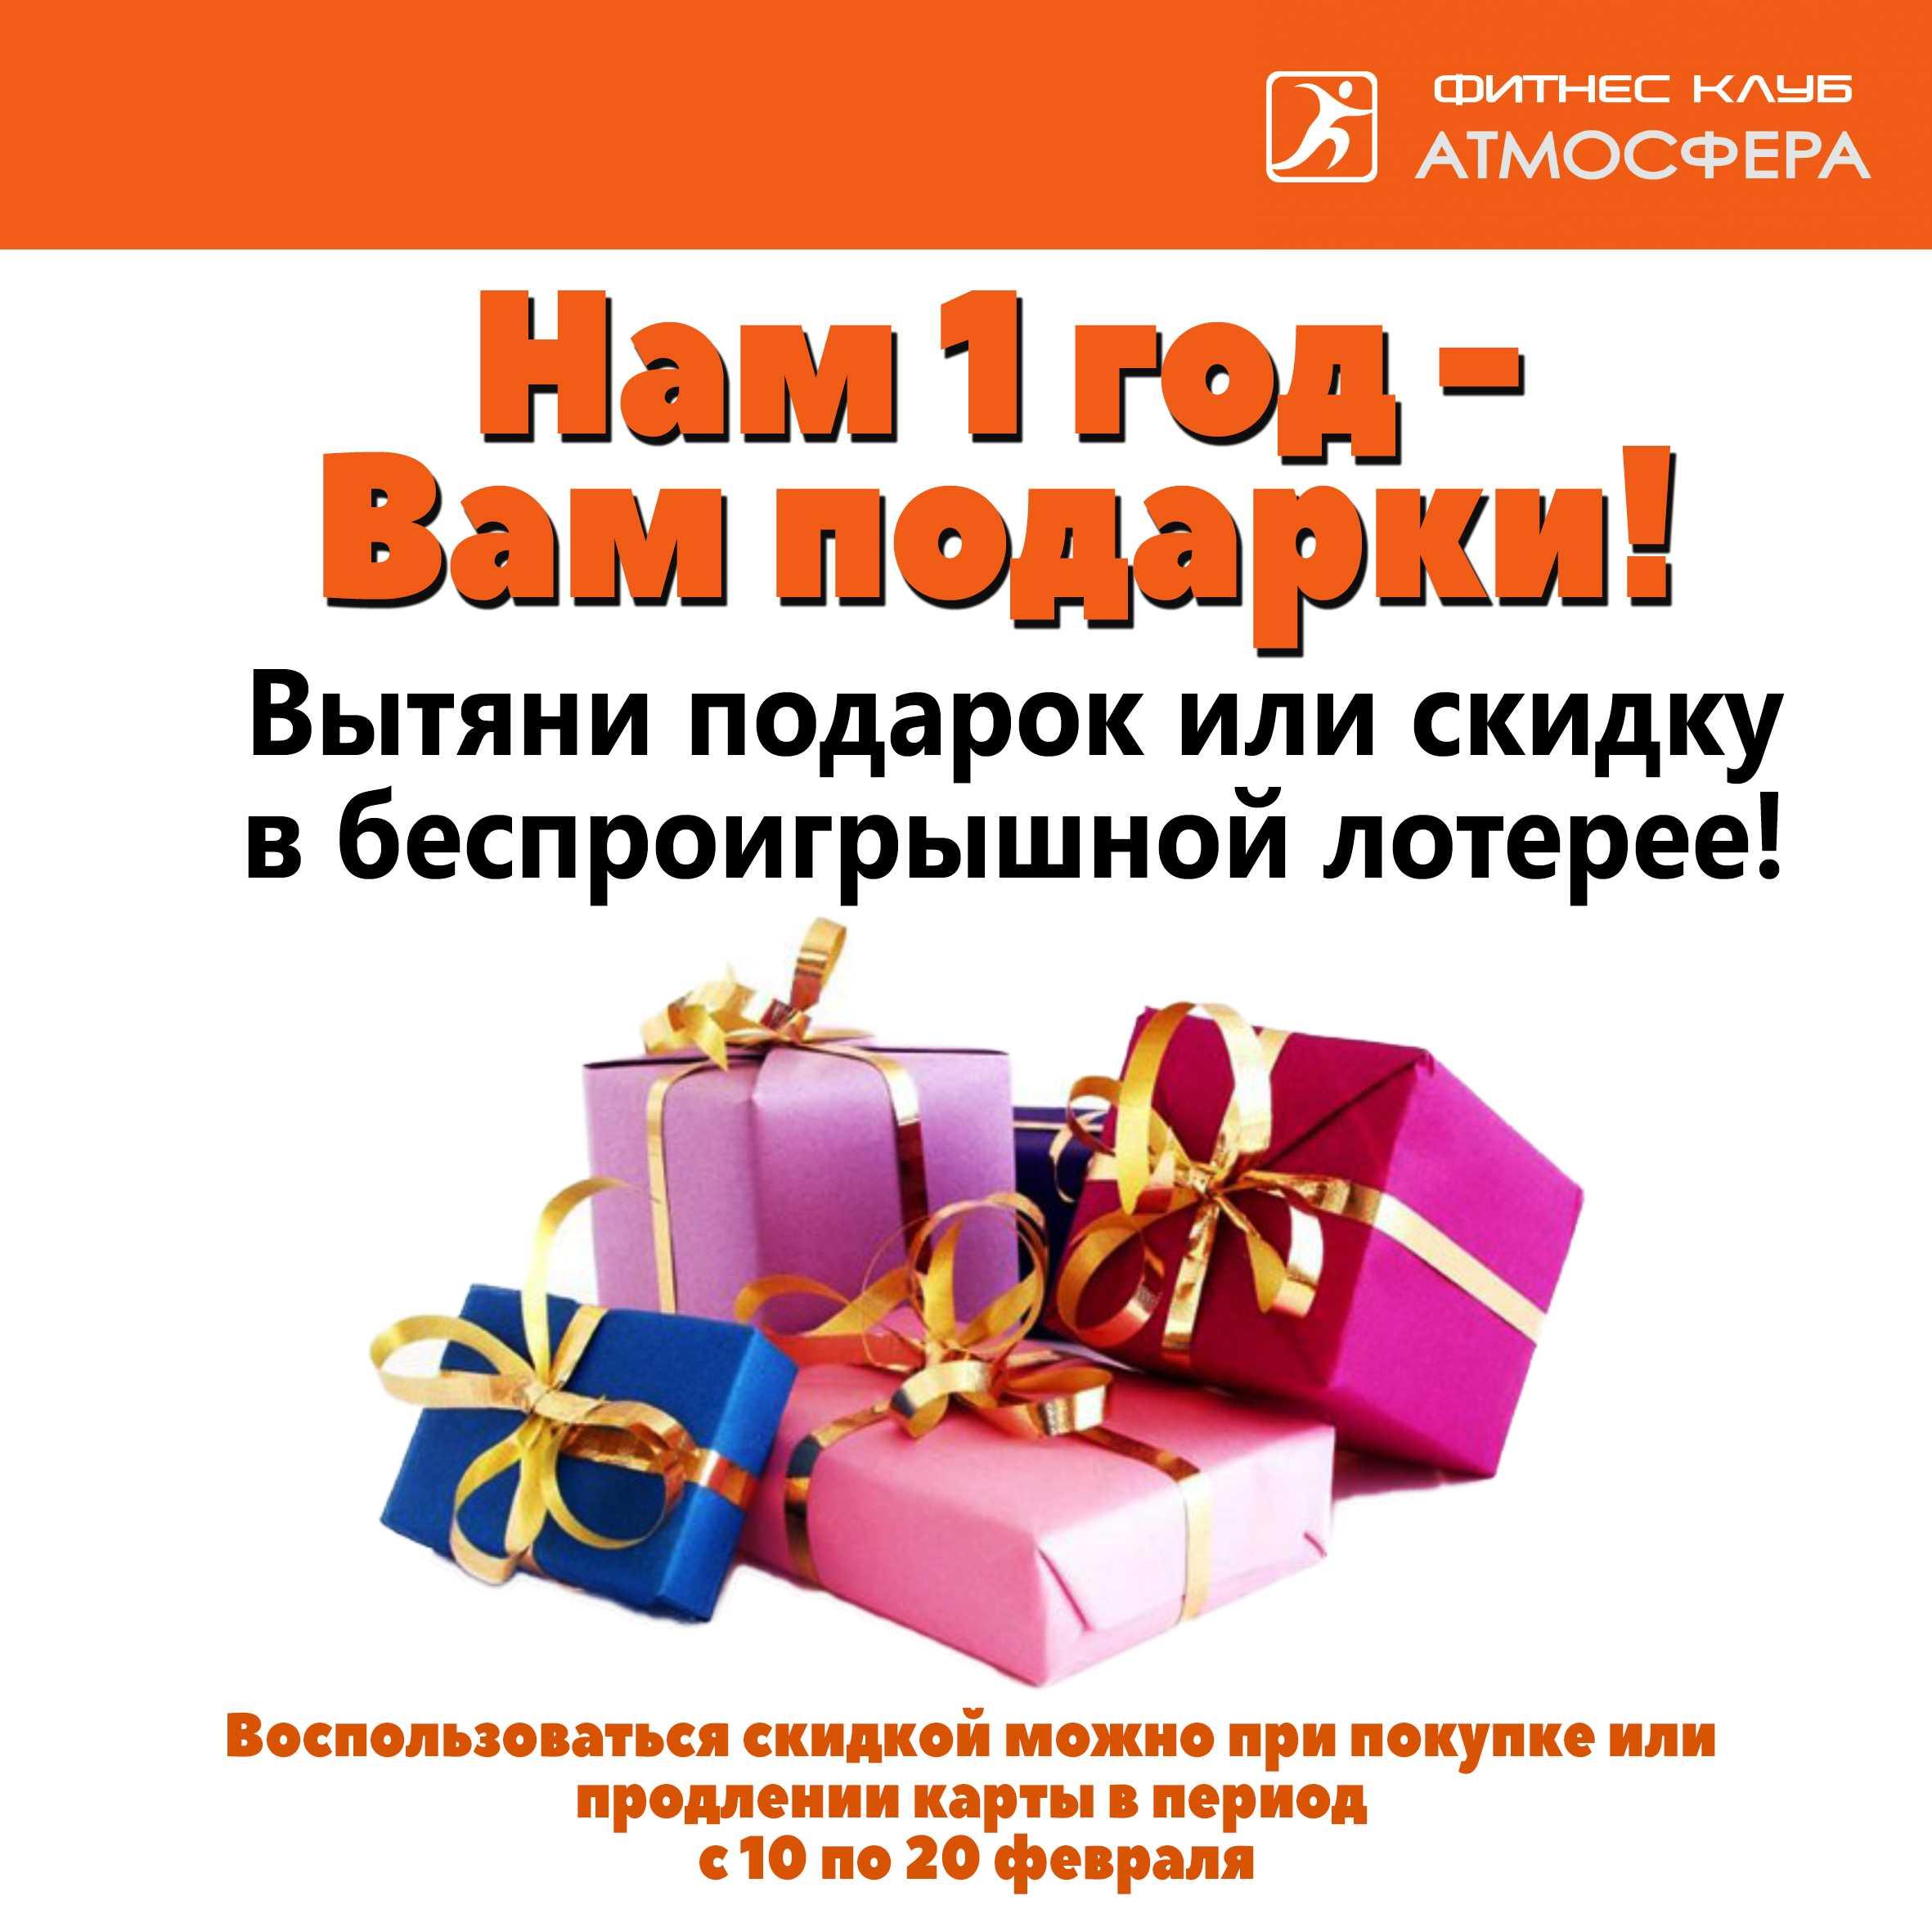 Бесплатные розыгрыши призов в интернете